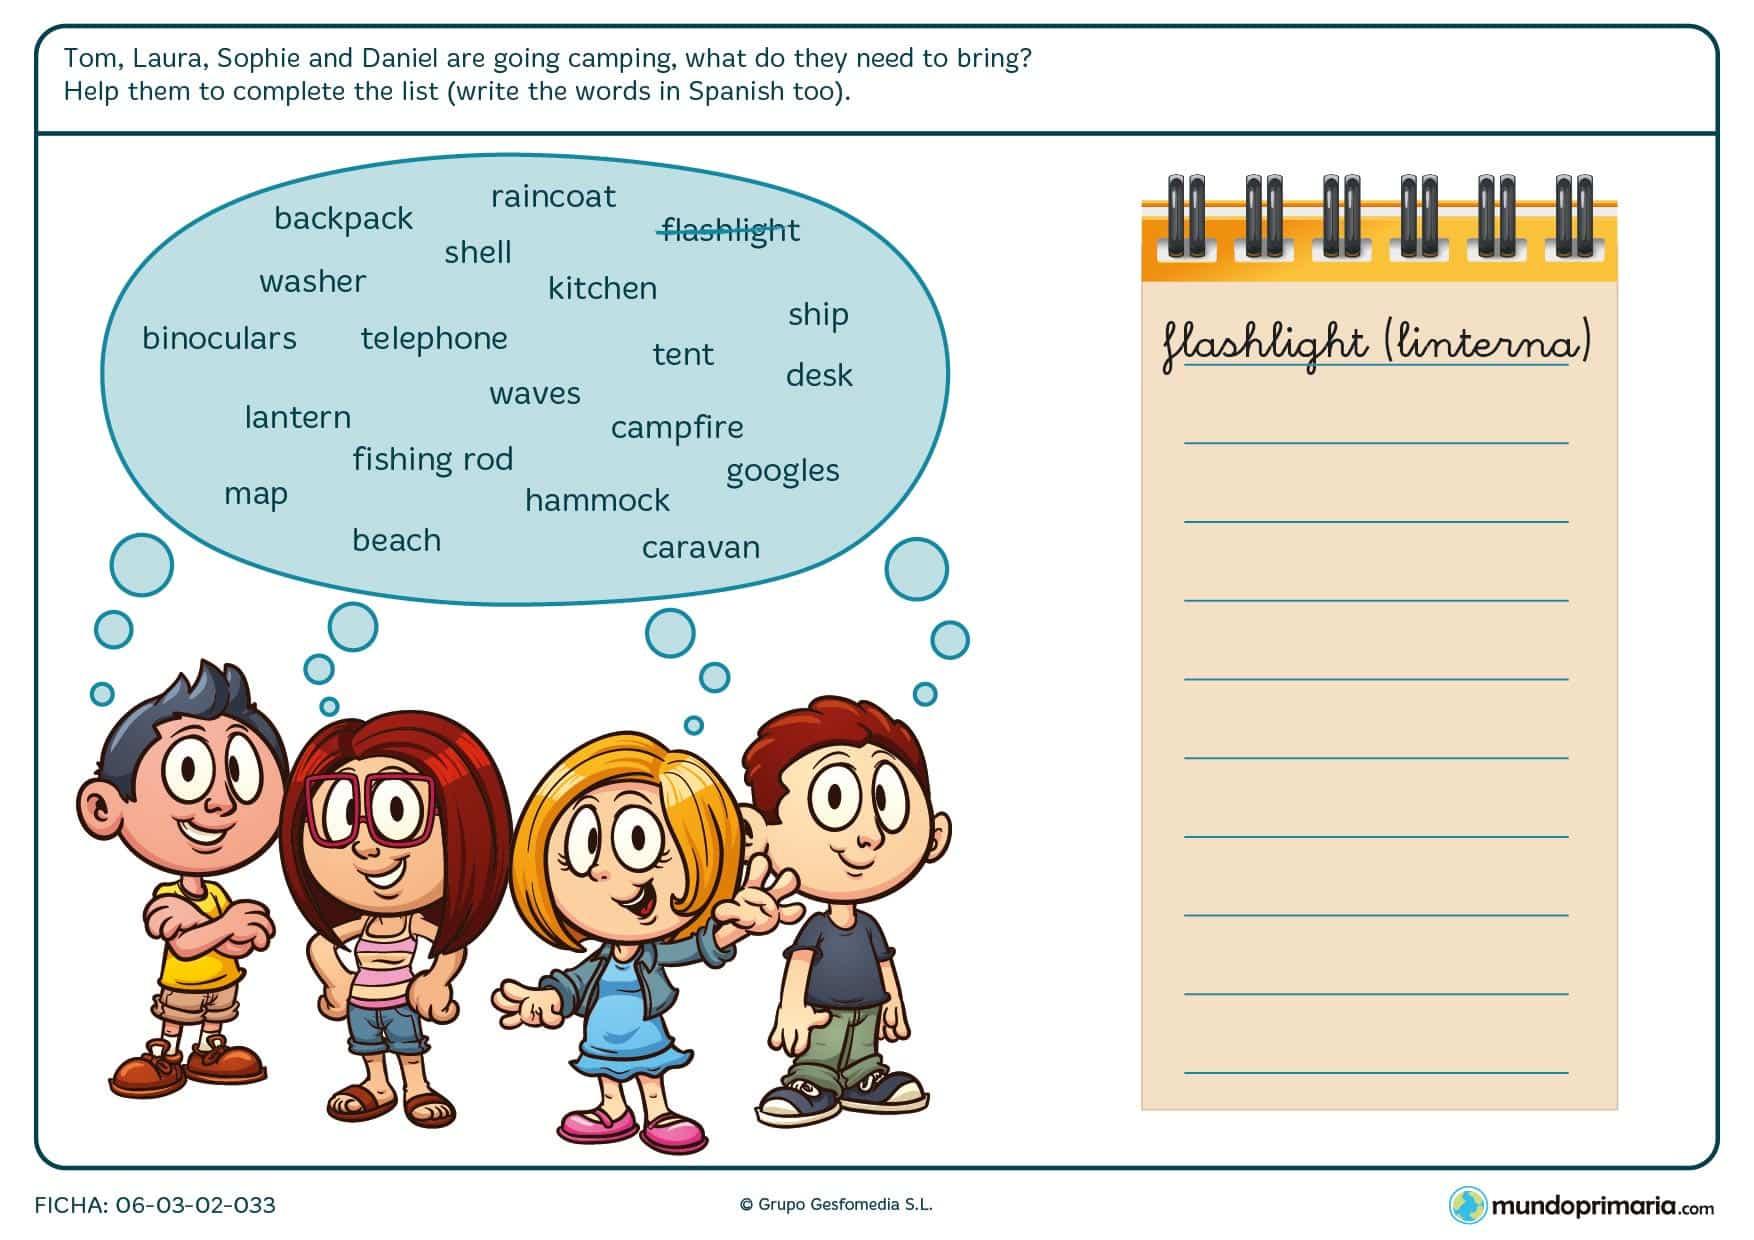 En esta ficha los niños deben escribir las palabras relacionadas con la acampada que necesitan Tom, Laura, Sophie and Daniel en un cuaderno.